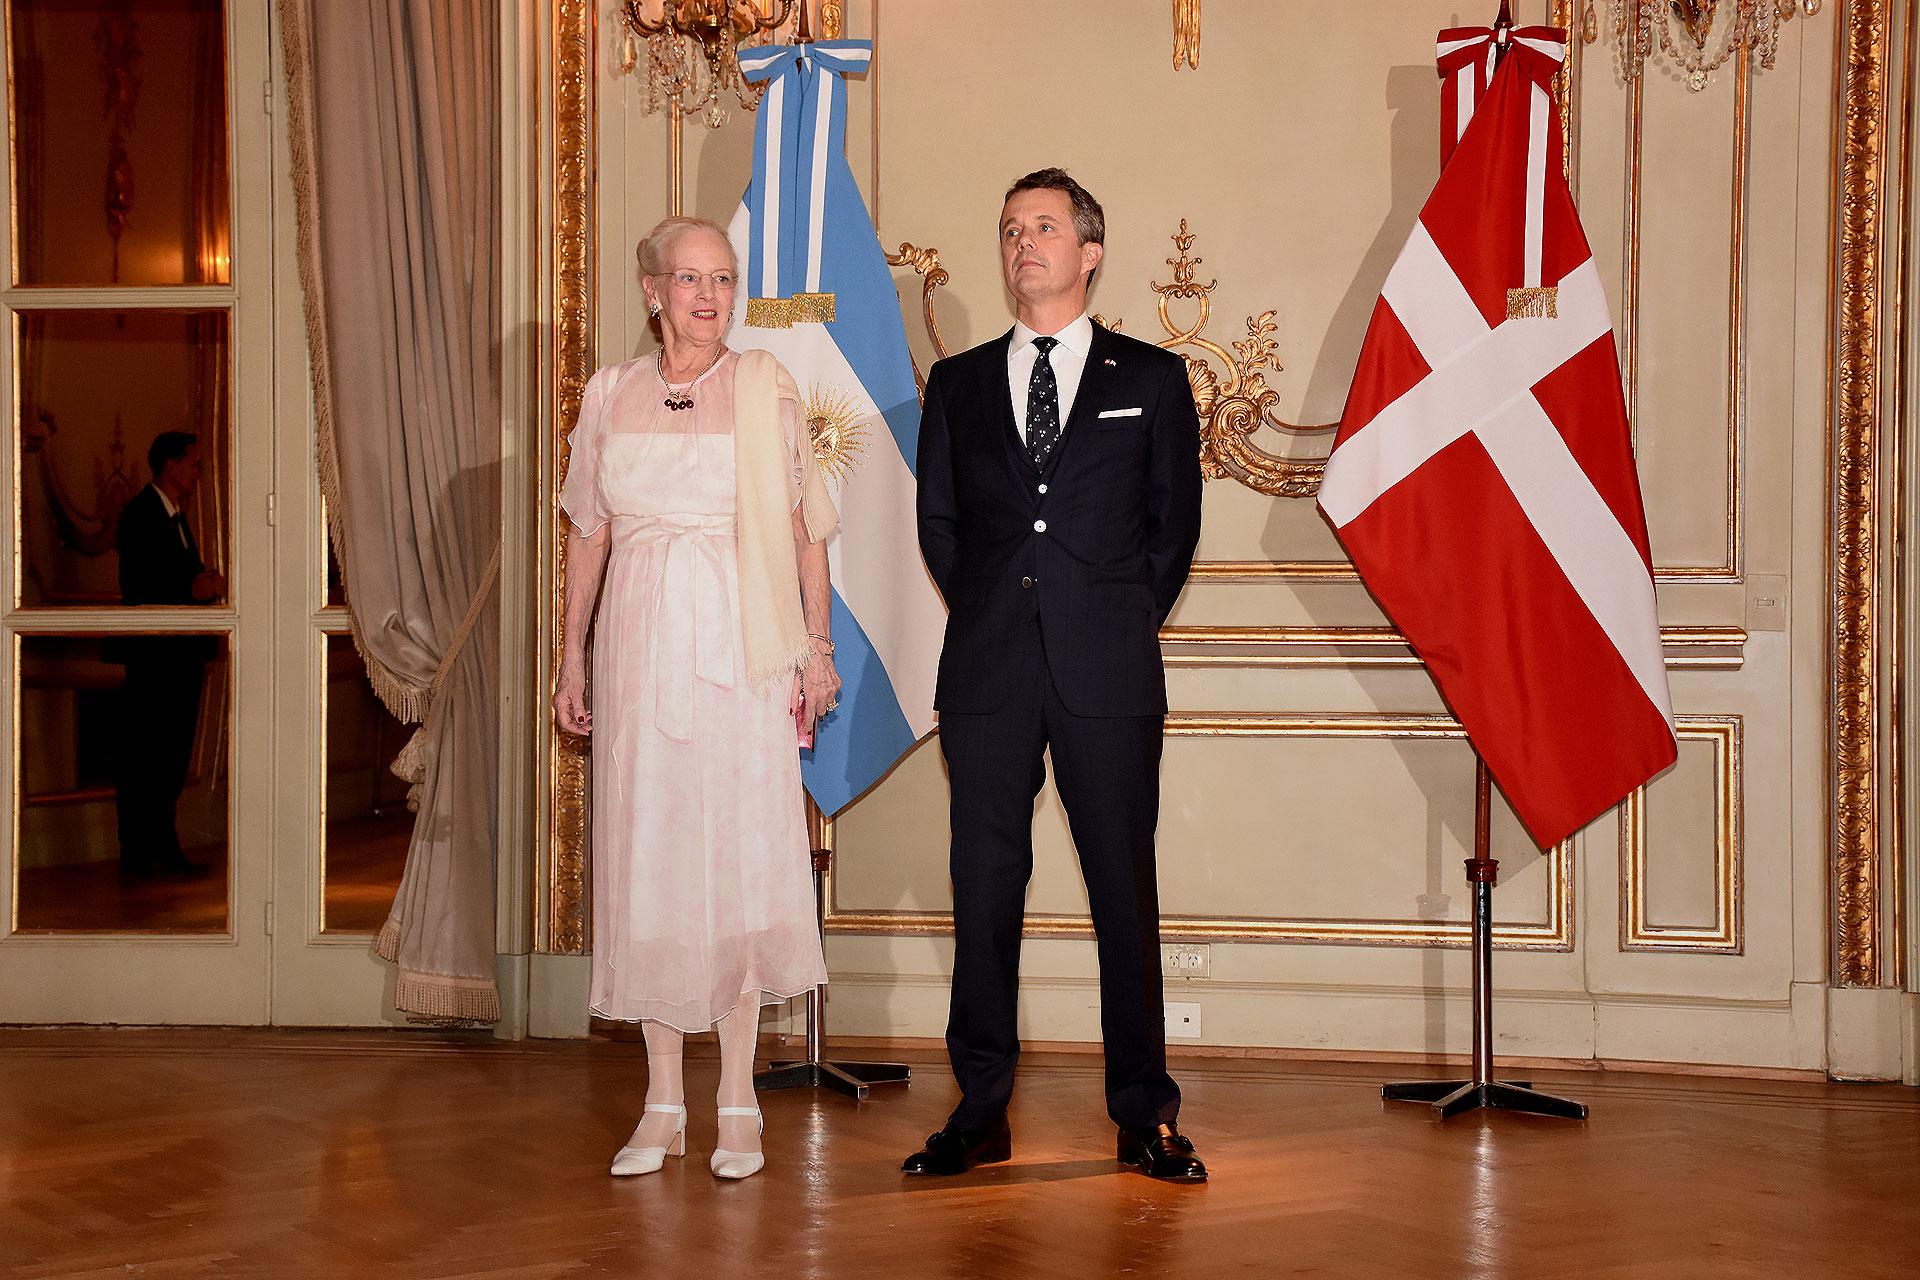 La reina Margarita II de Dinamarca junto a su hijo, el príncipe heredero Federico, en el majestuoso salón dorado del hotel Alvear ofreció una elegante recepción